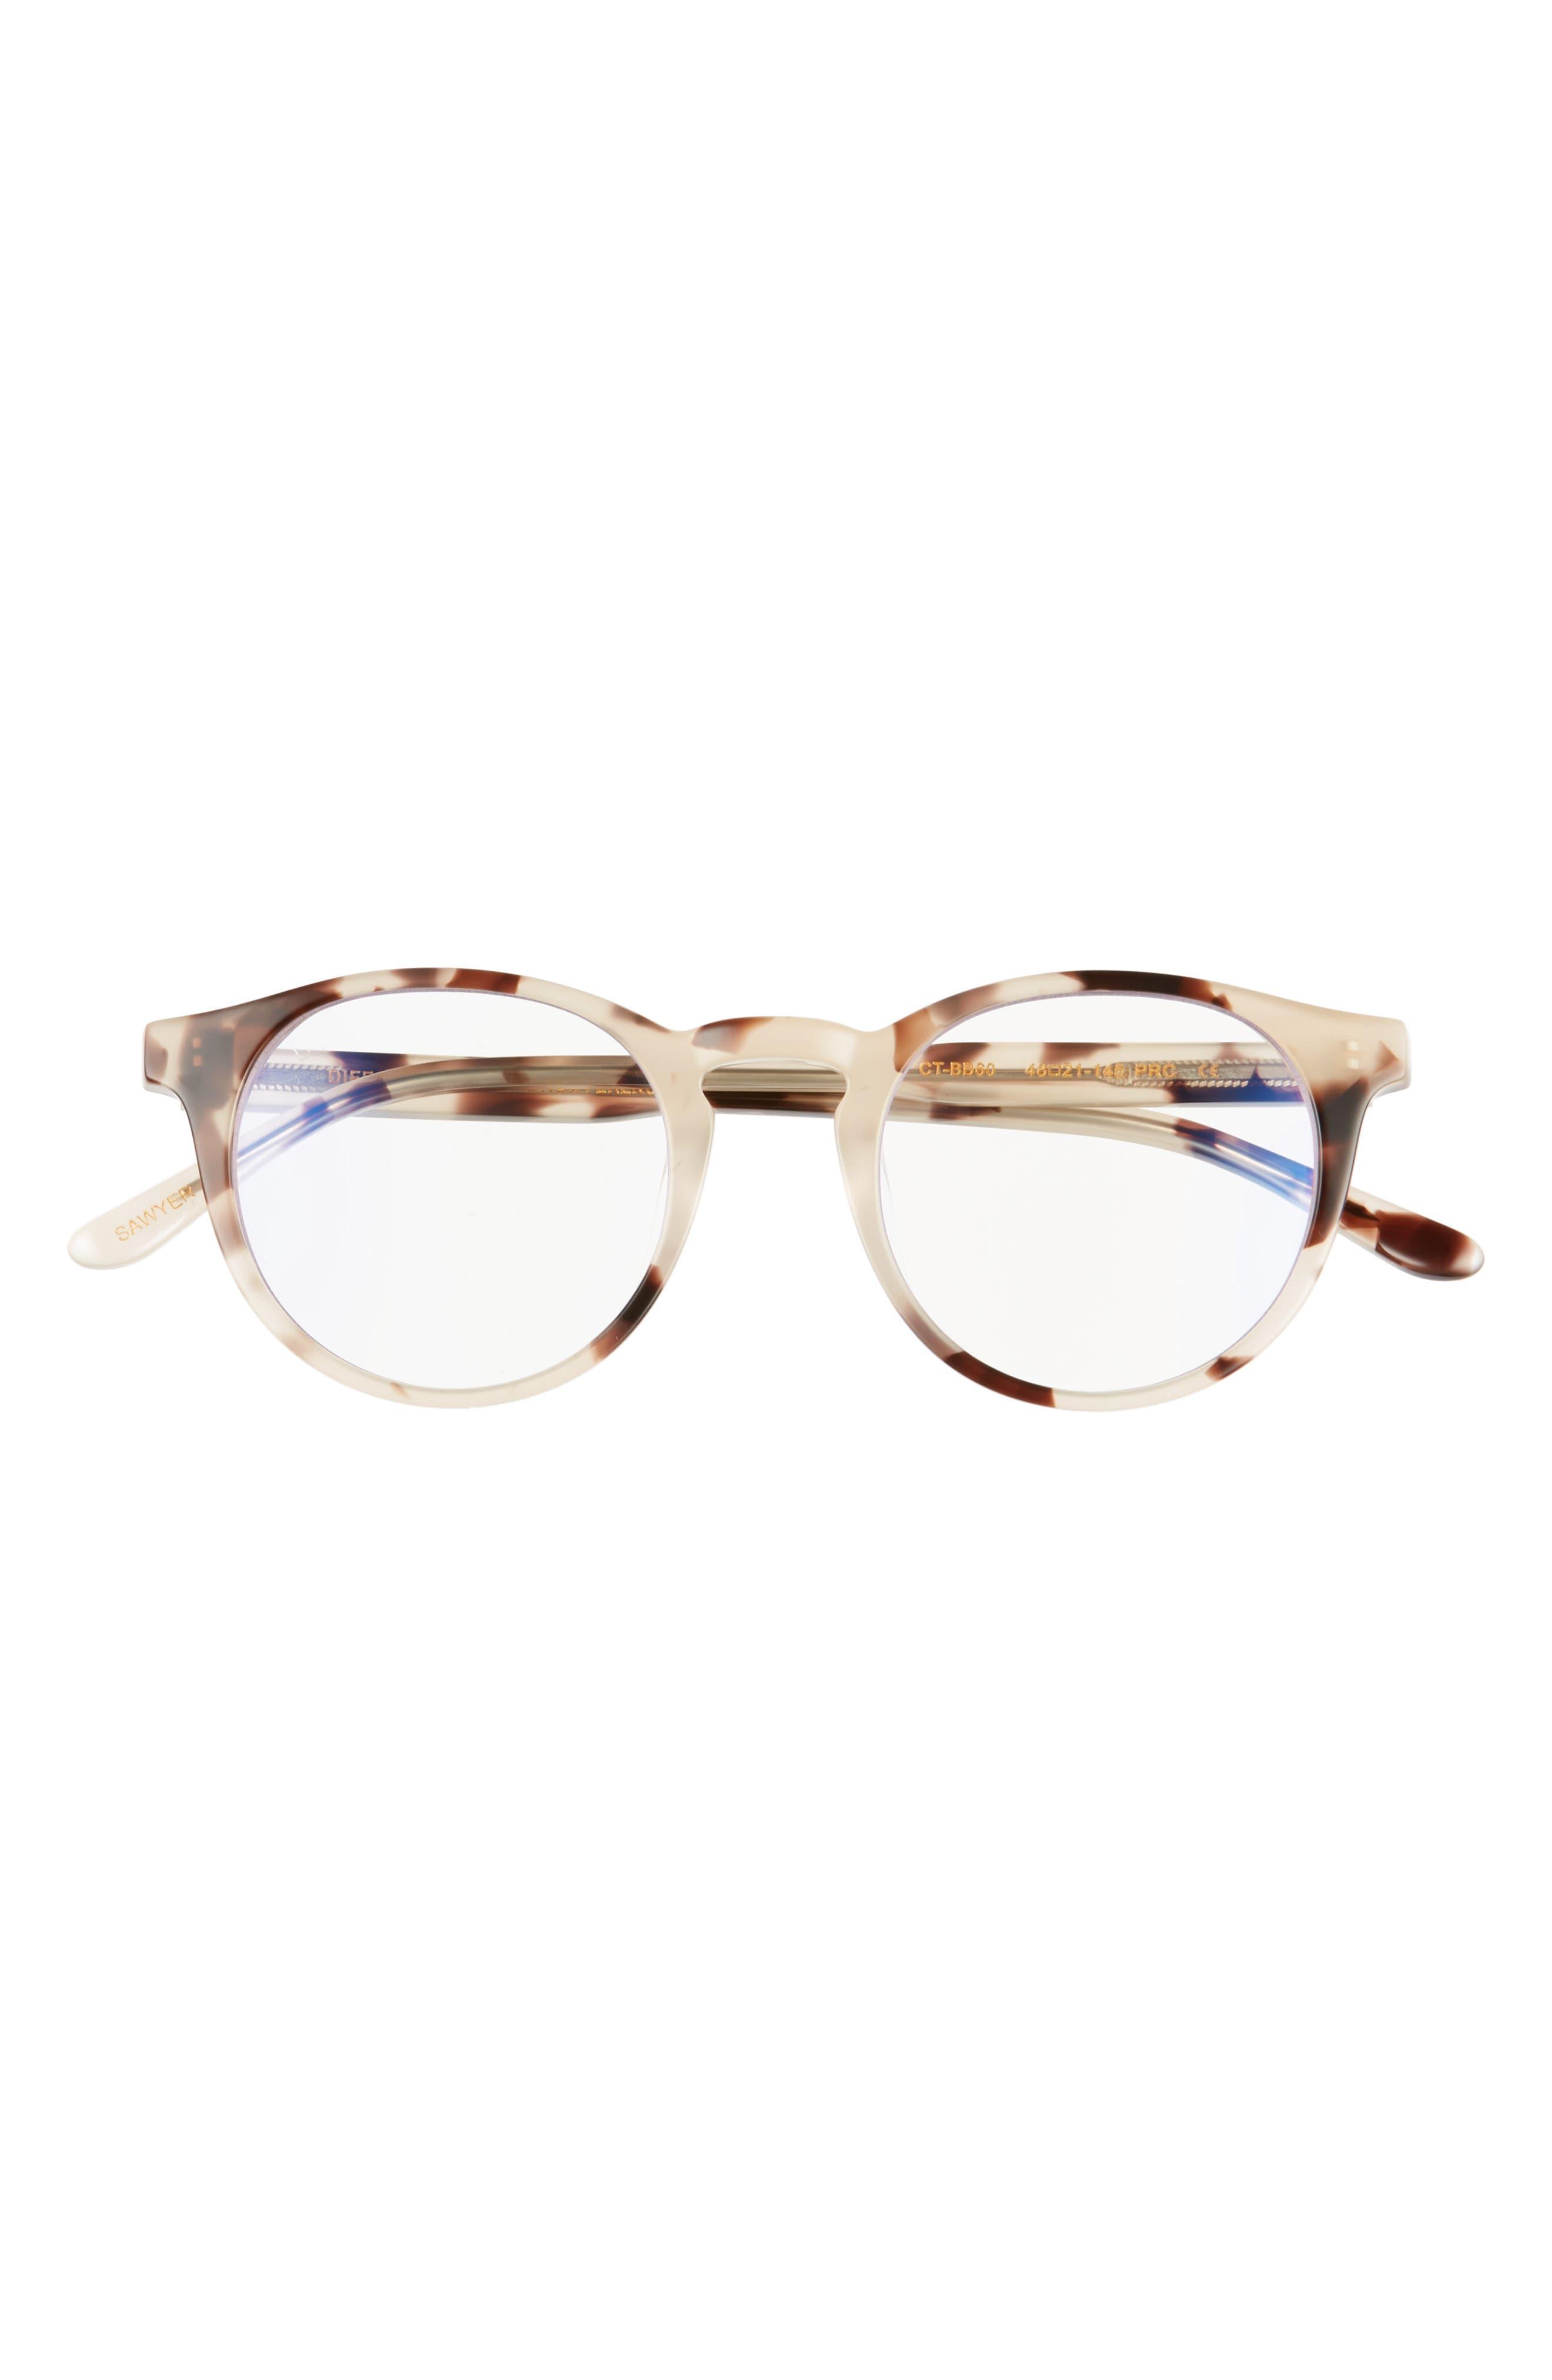 Sawyer 48mm Optical Glasses